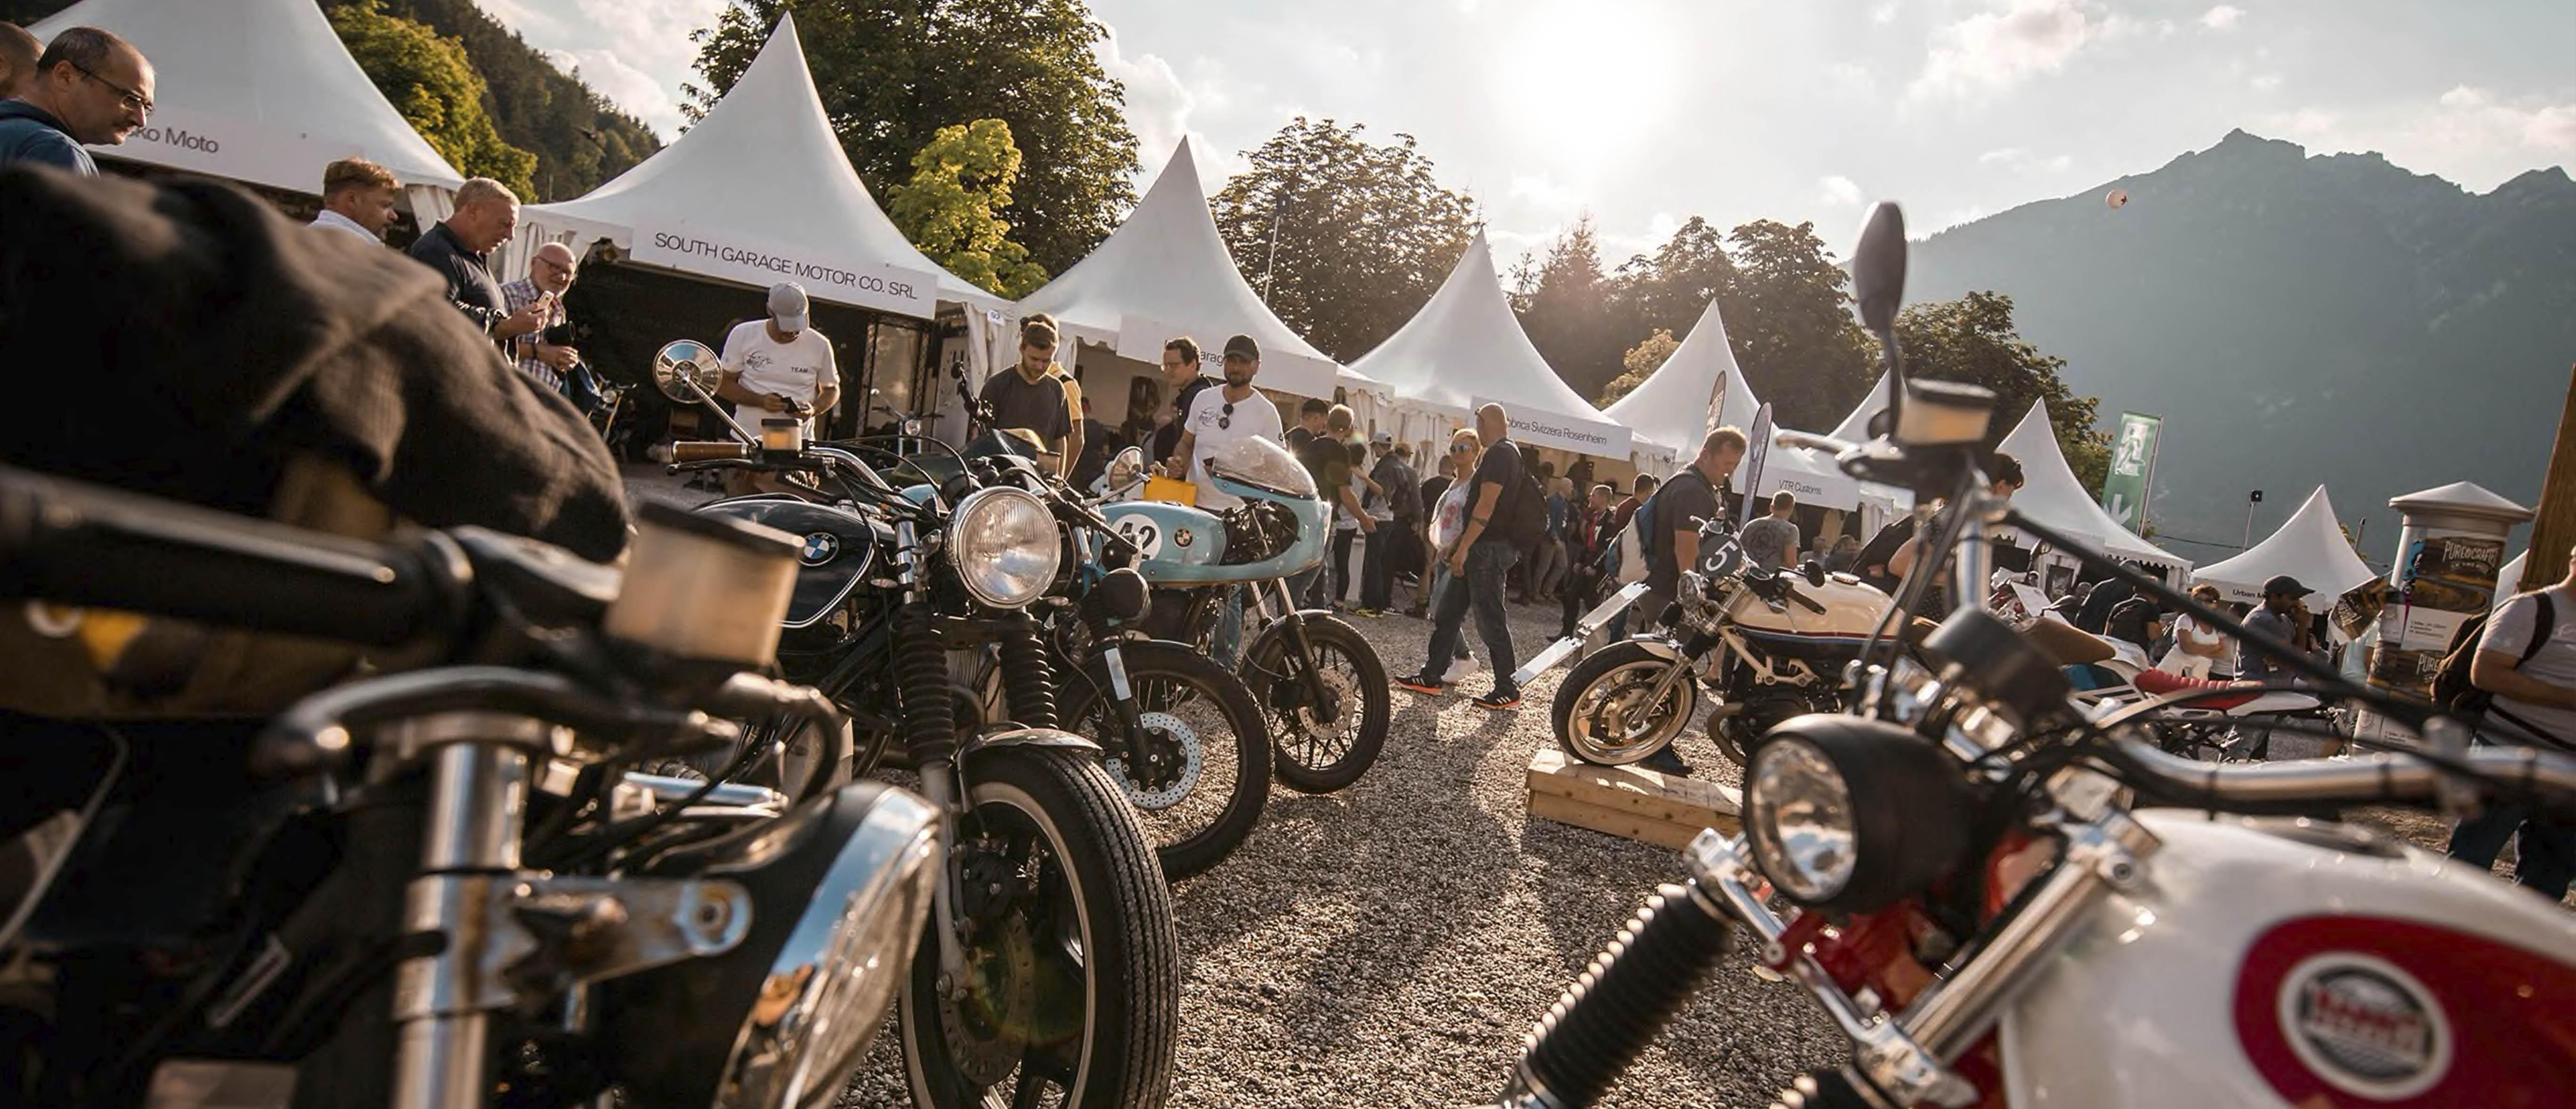 motorrad-days-webpagina.jpg